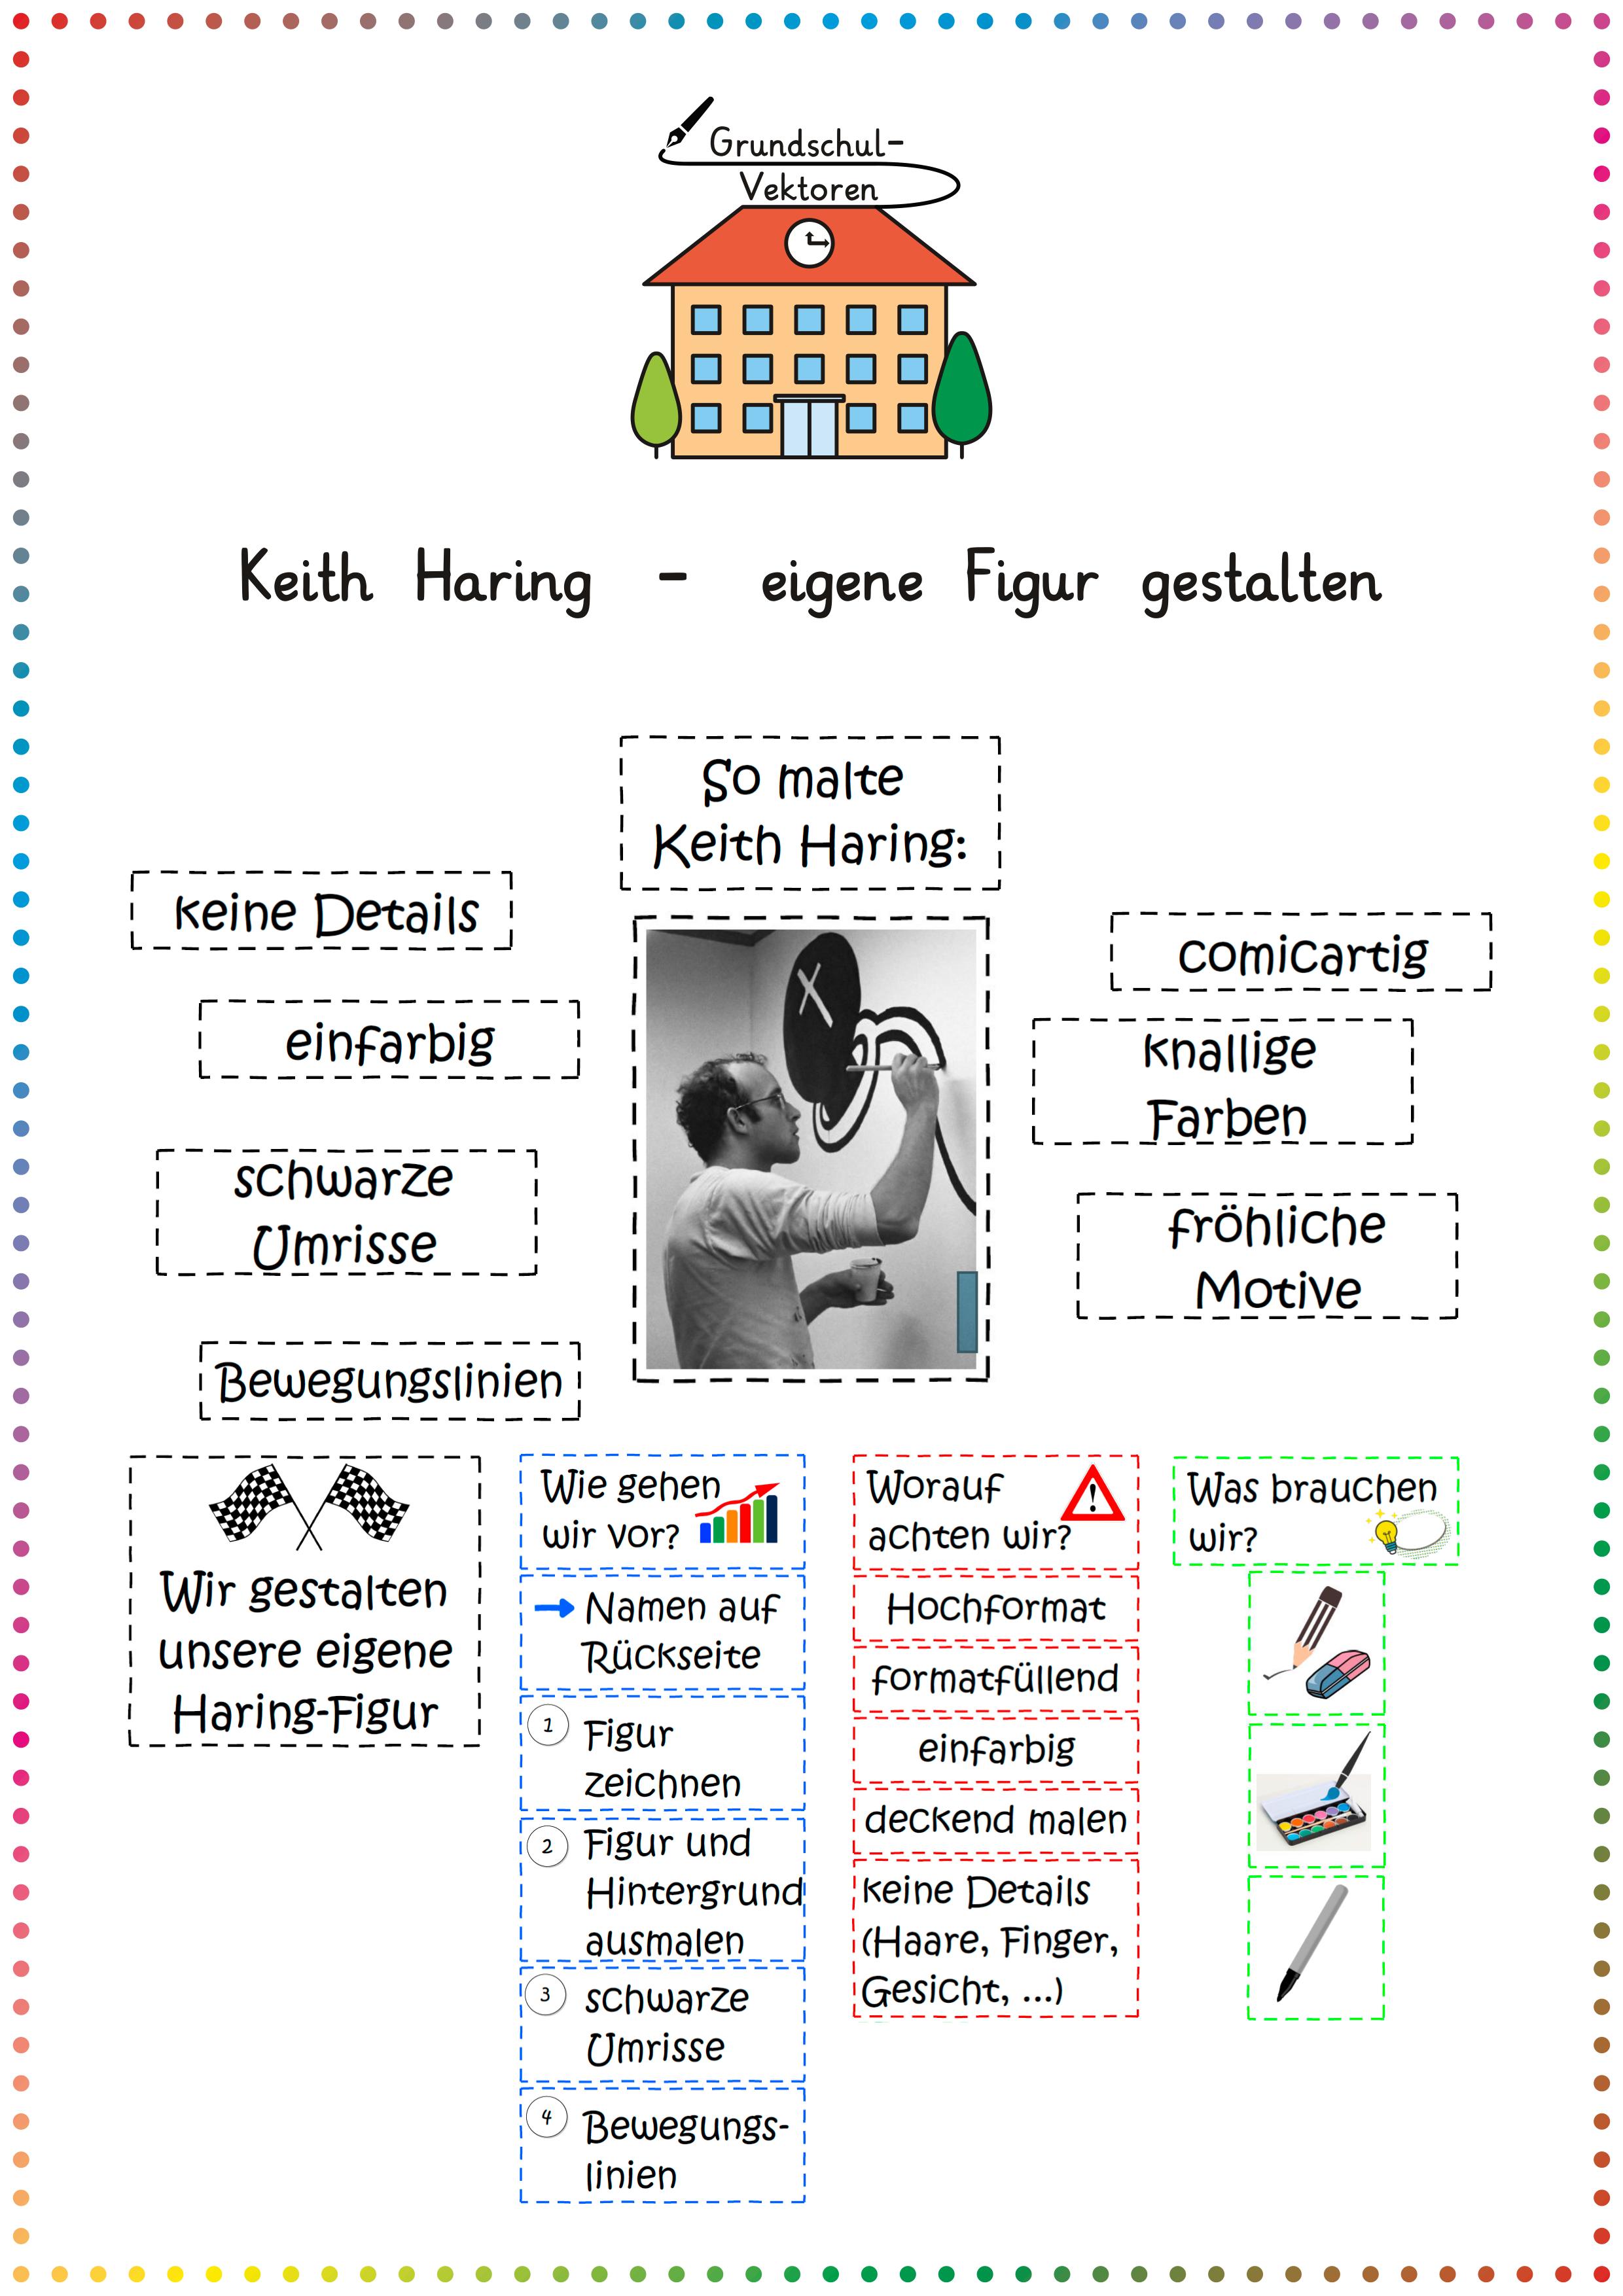 Keith Haring Eigene Figur Gestalten Unterrichtsmaterial Im Fach Kunst Keith Haring Kunstunterricht Kunstunterricht Grundschule